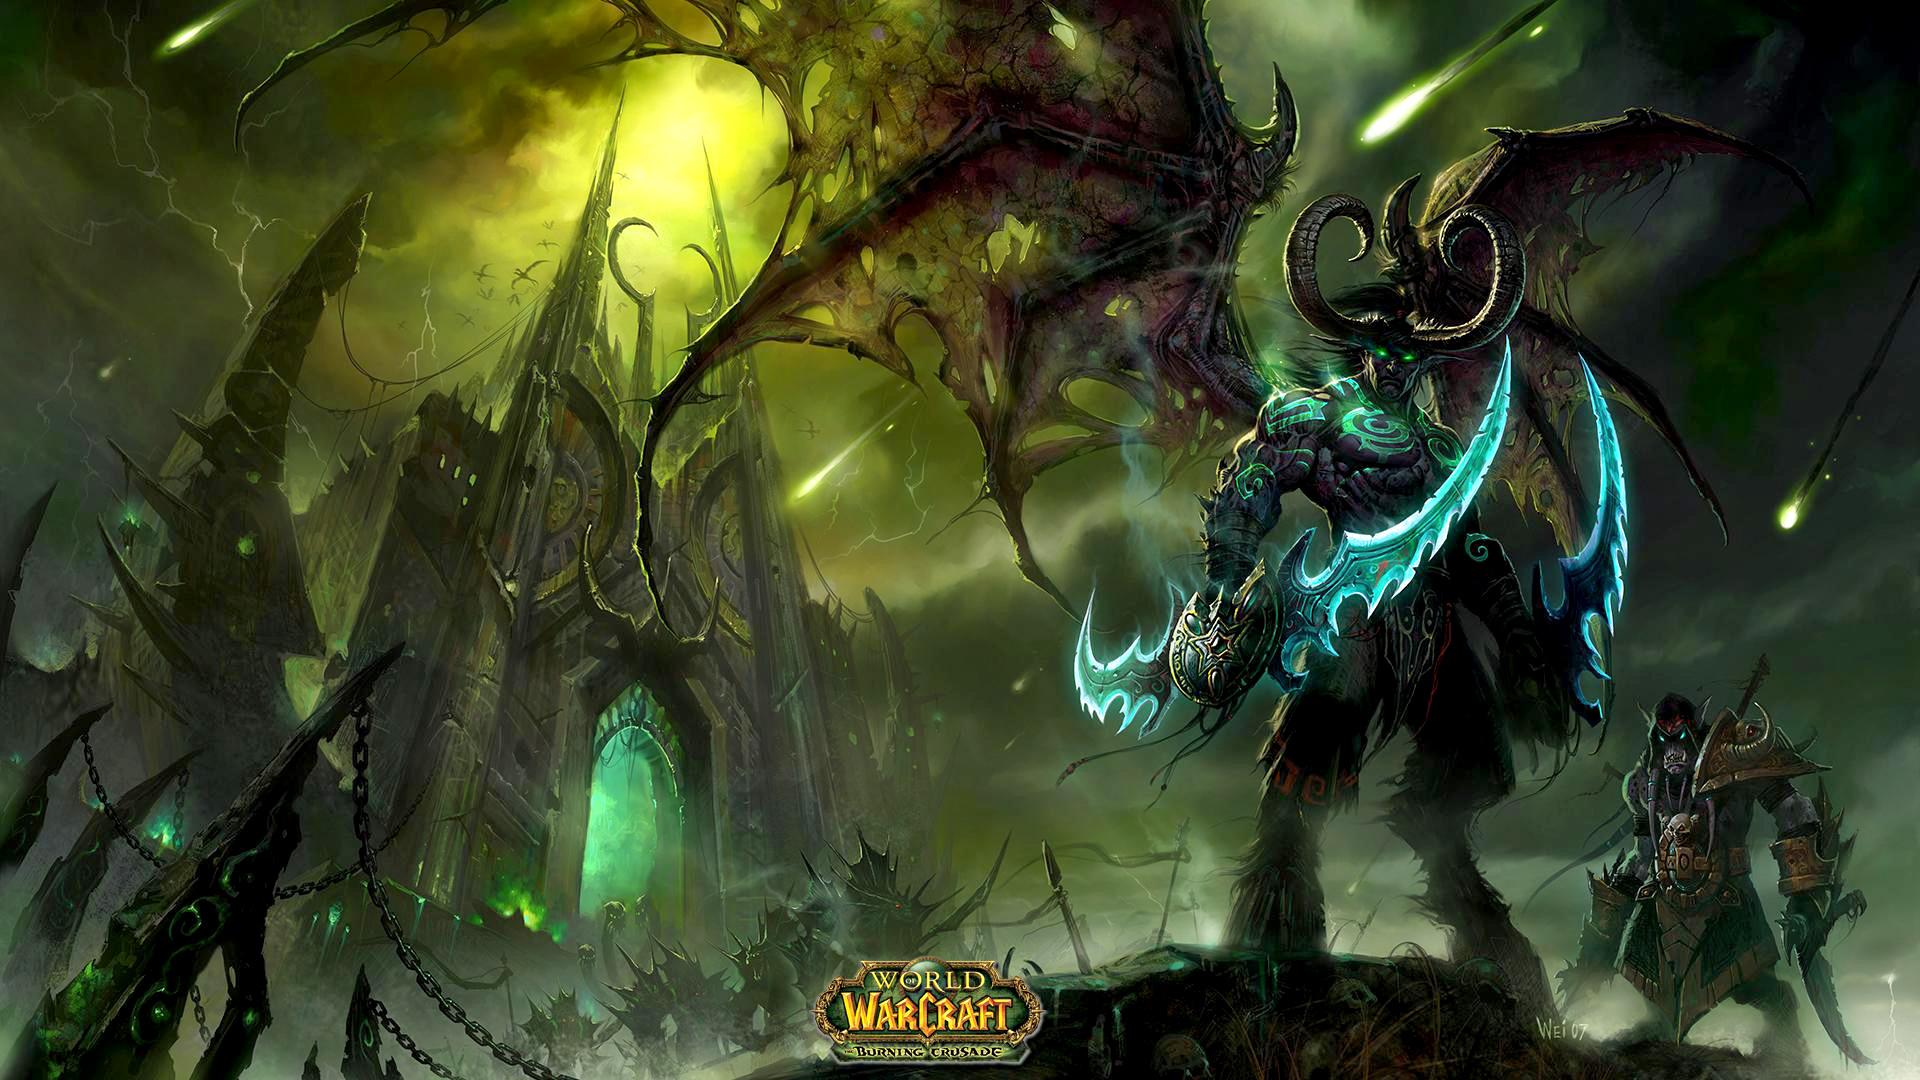 WorldfunGames_WorldofWarcraft_01